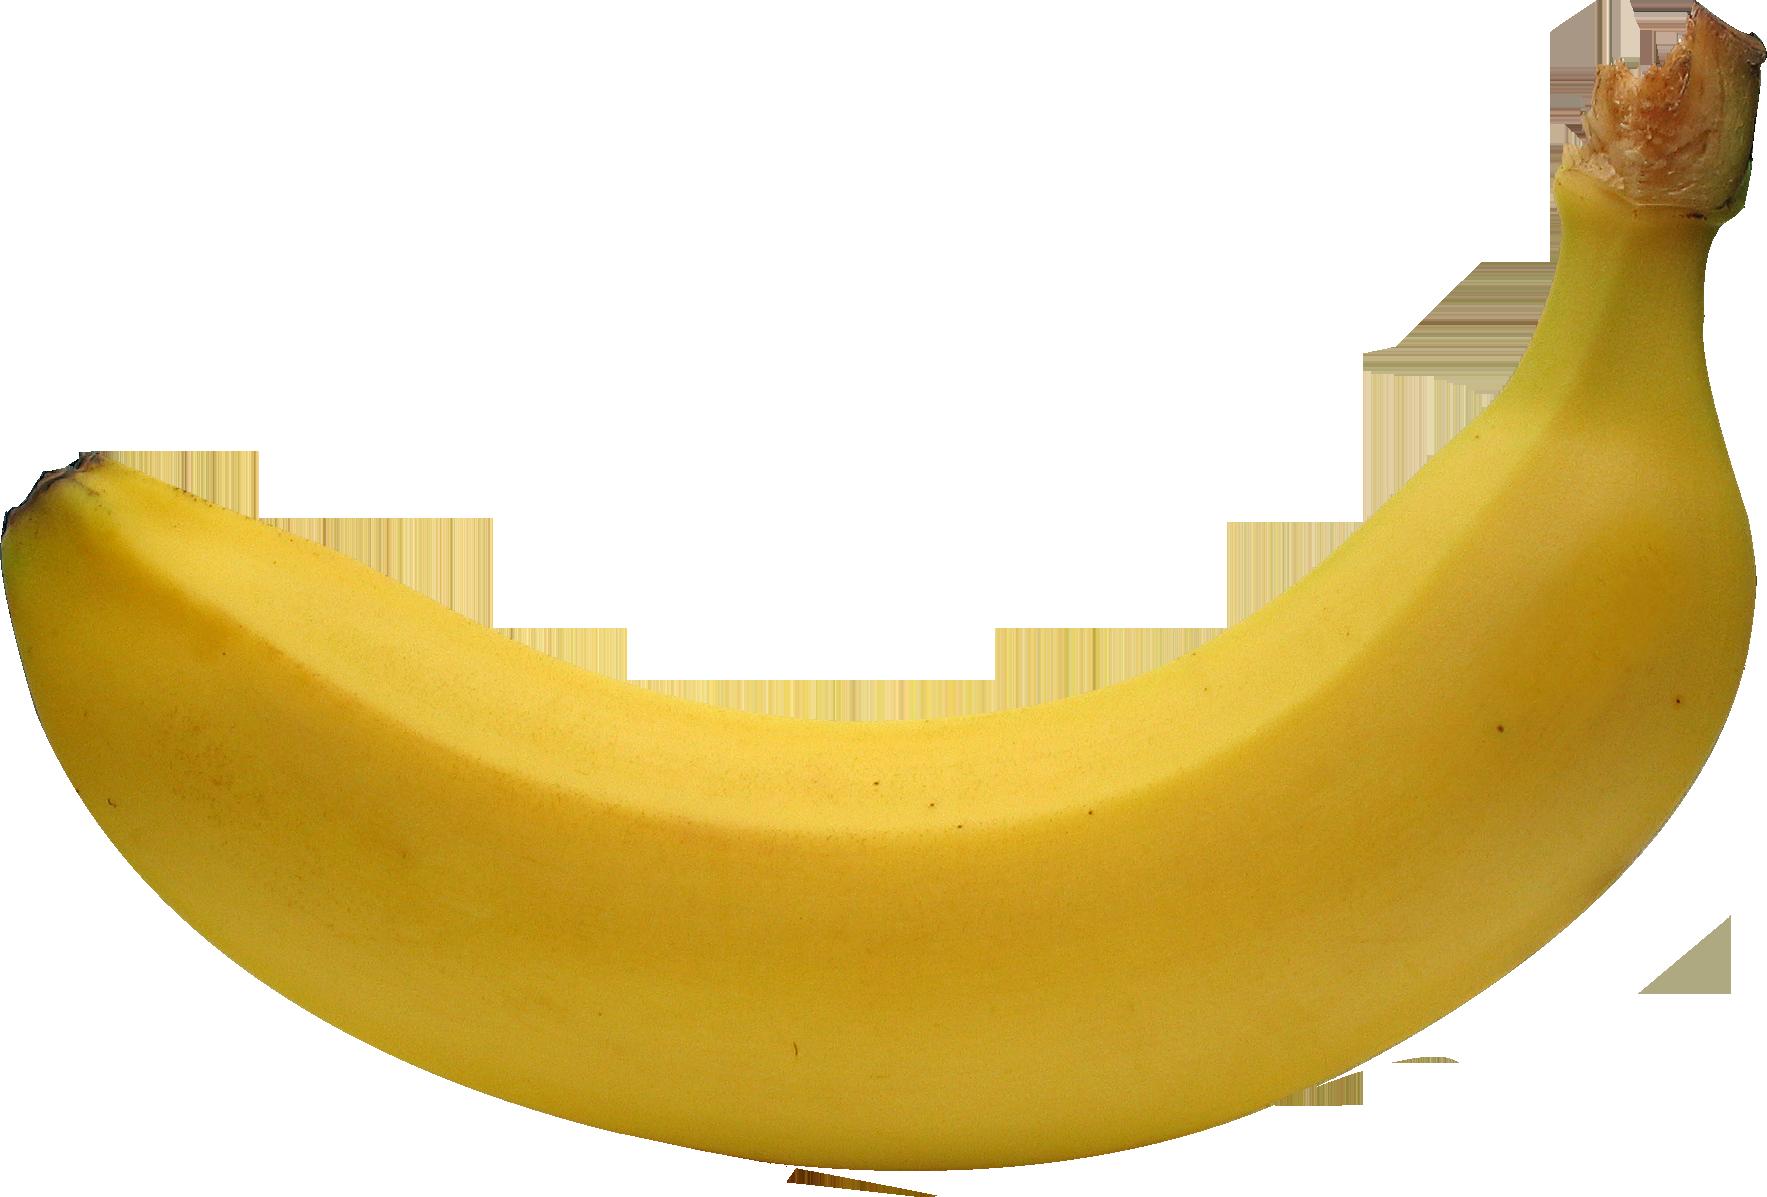 Картинка фруктов для детей на прозрачном фоне